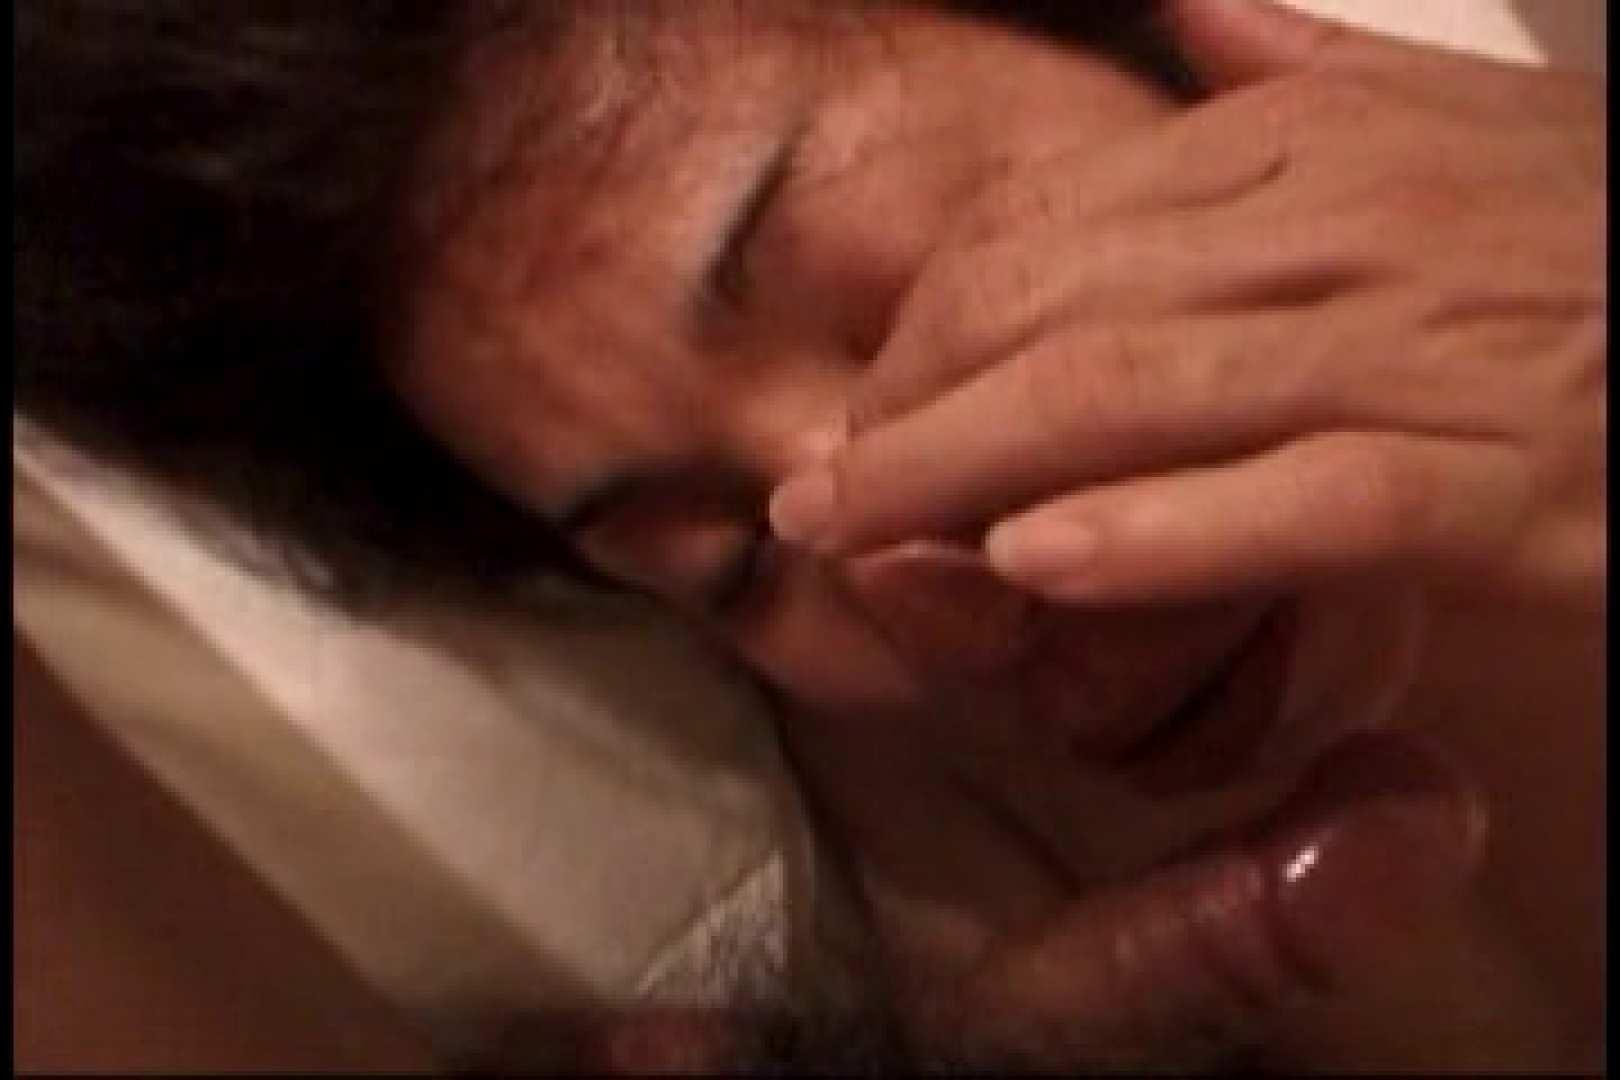 三ッ星シリーズ!!イケメン羞恥心!!File.03 男まつり ゲイアダルト画像 77枚 46